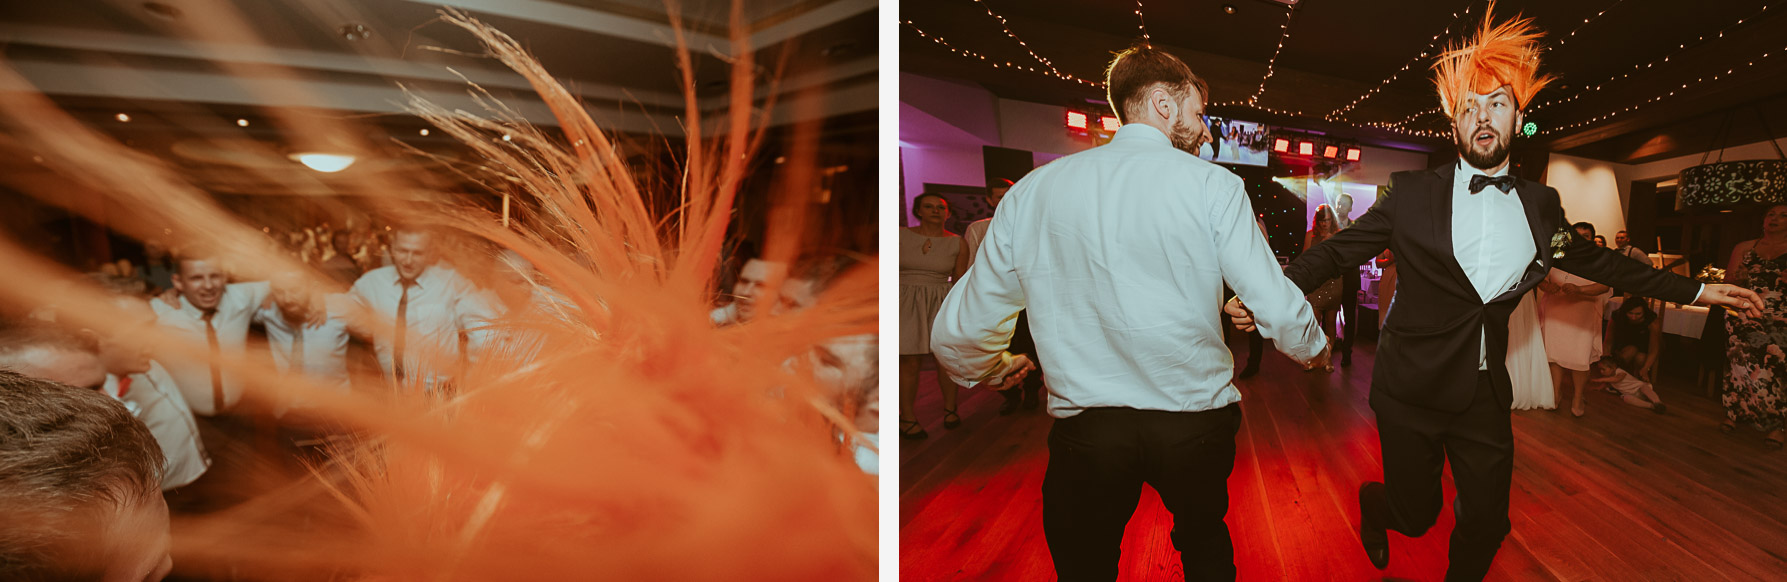 Zdjęcia Ślubne Wisła 144 39v